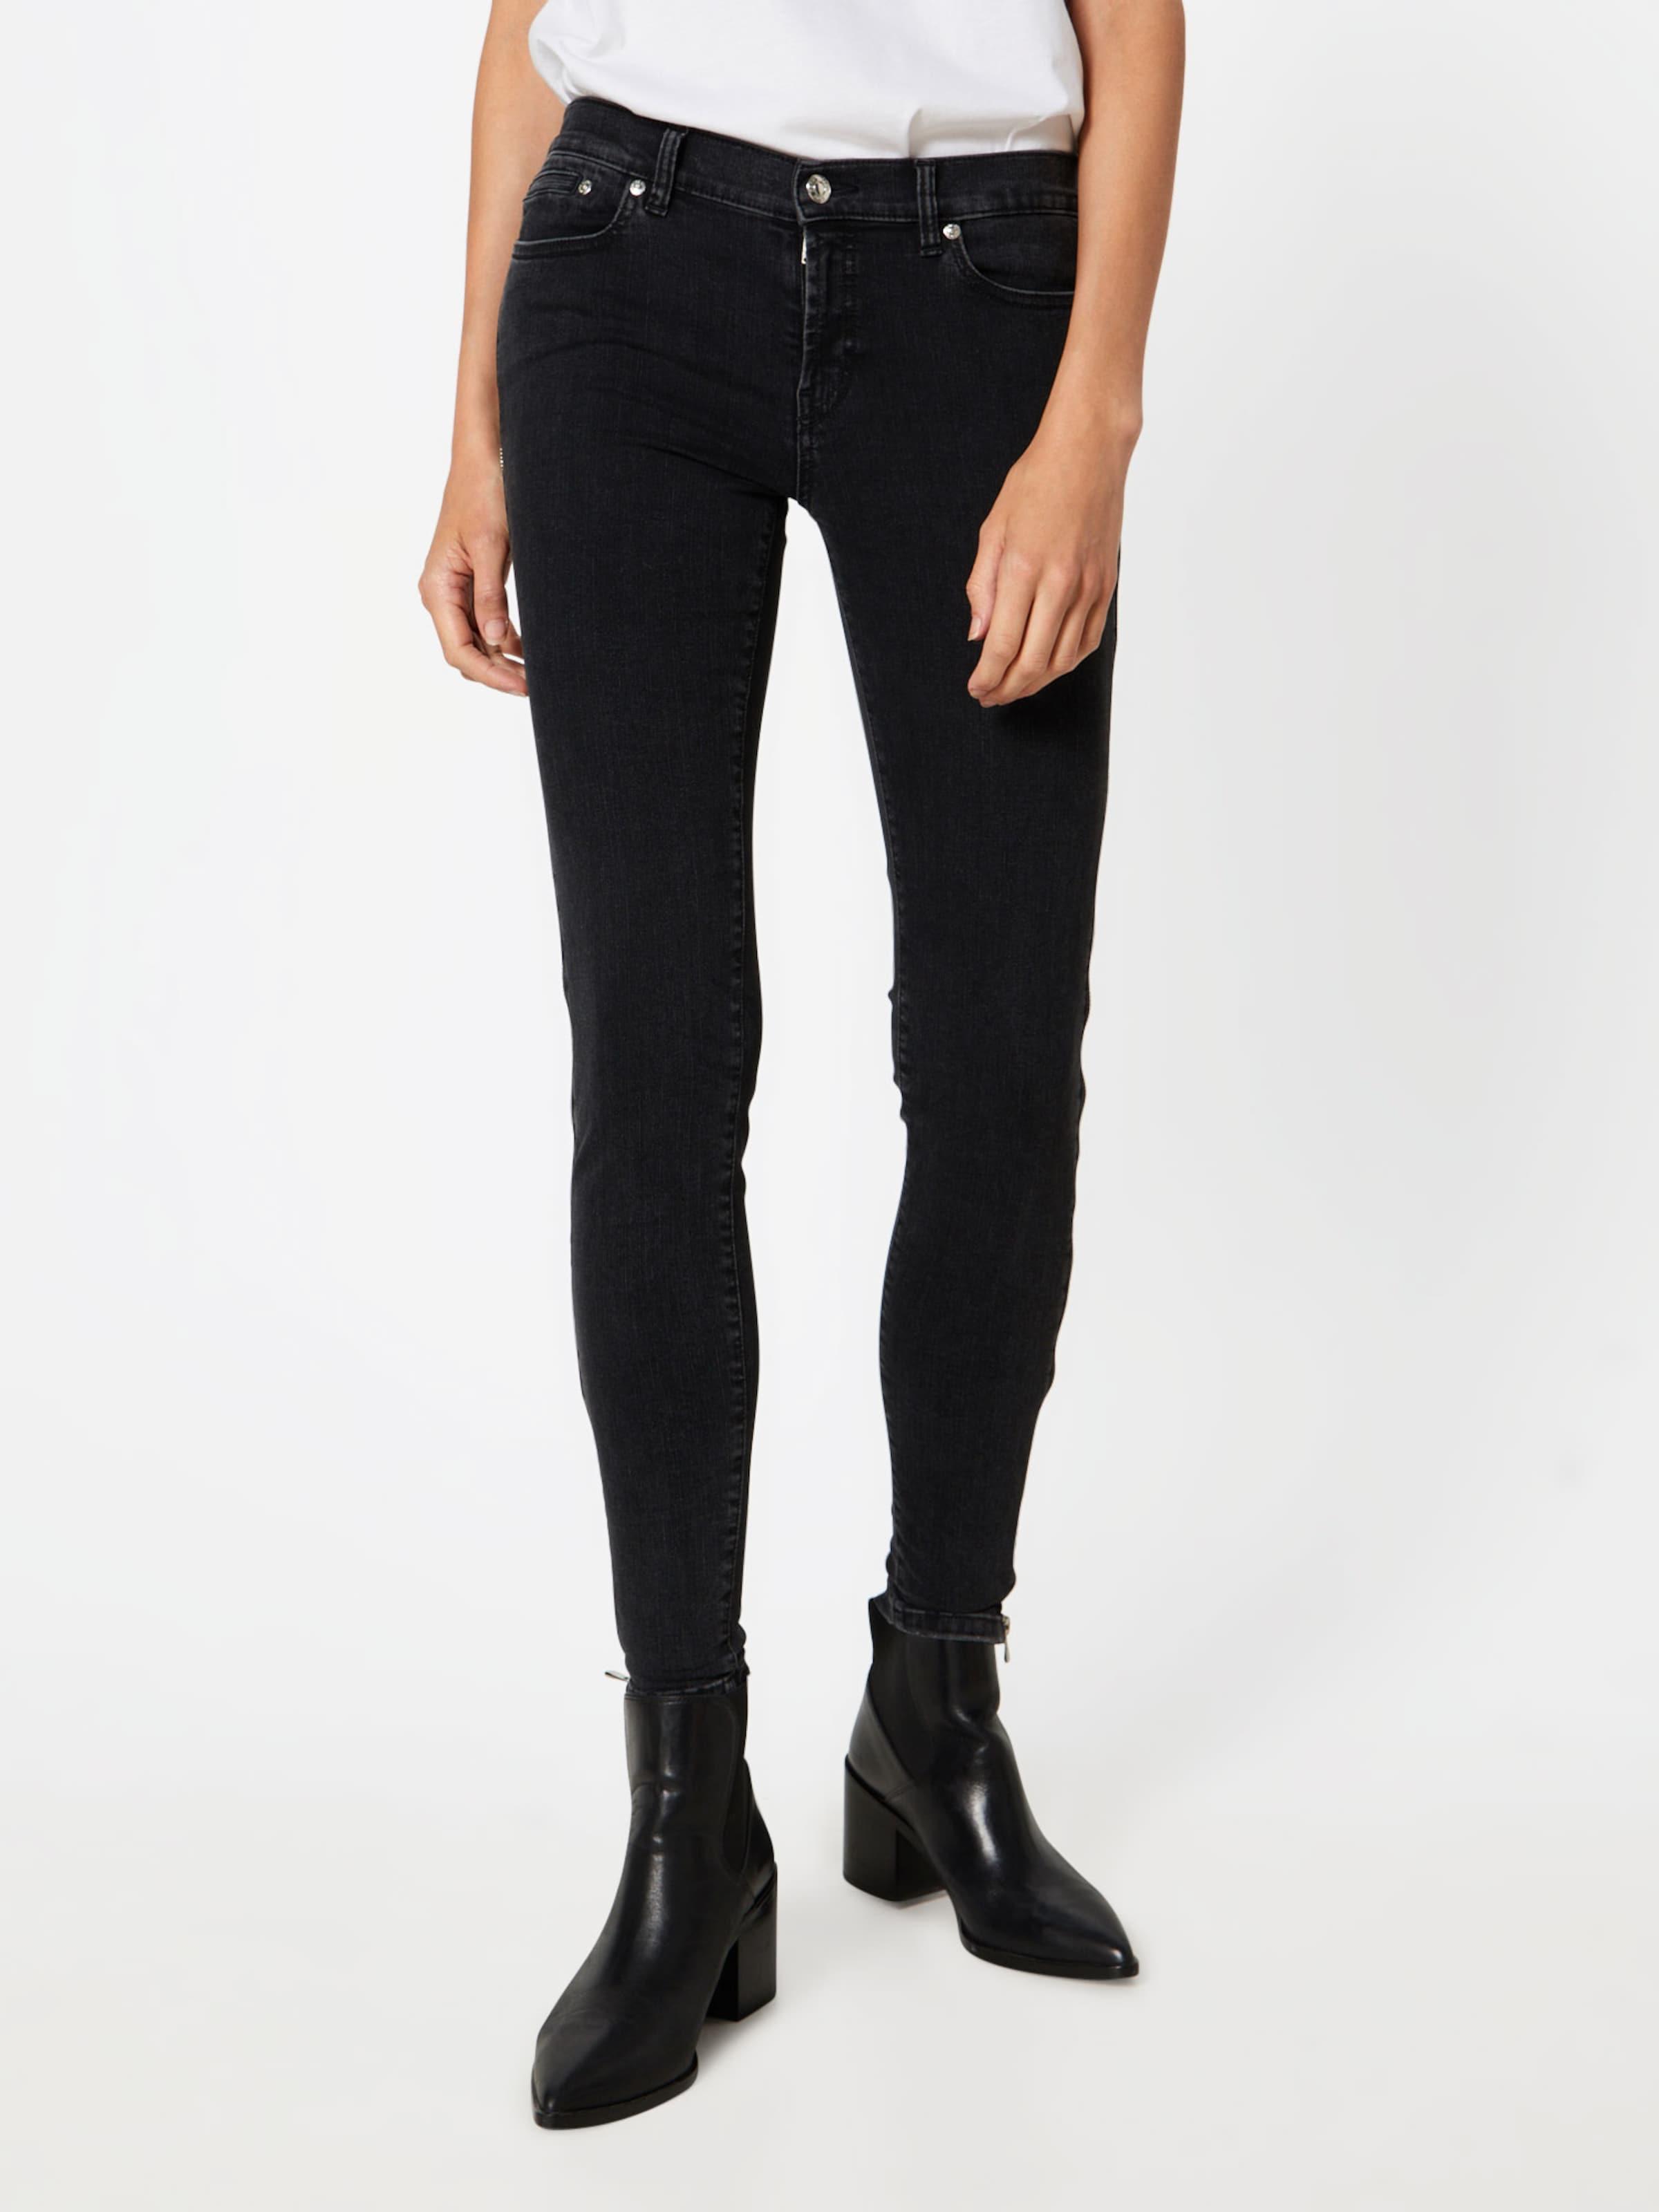 Hugo 'gilljana Denim Black Jeans 18' In uFJc1TKl3